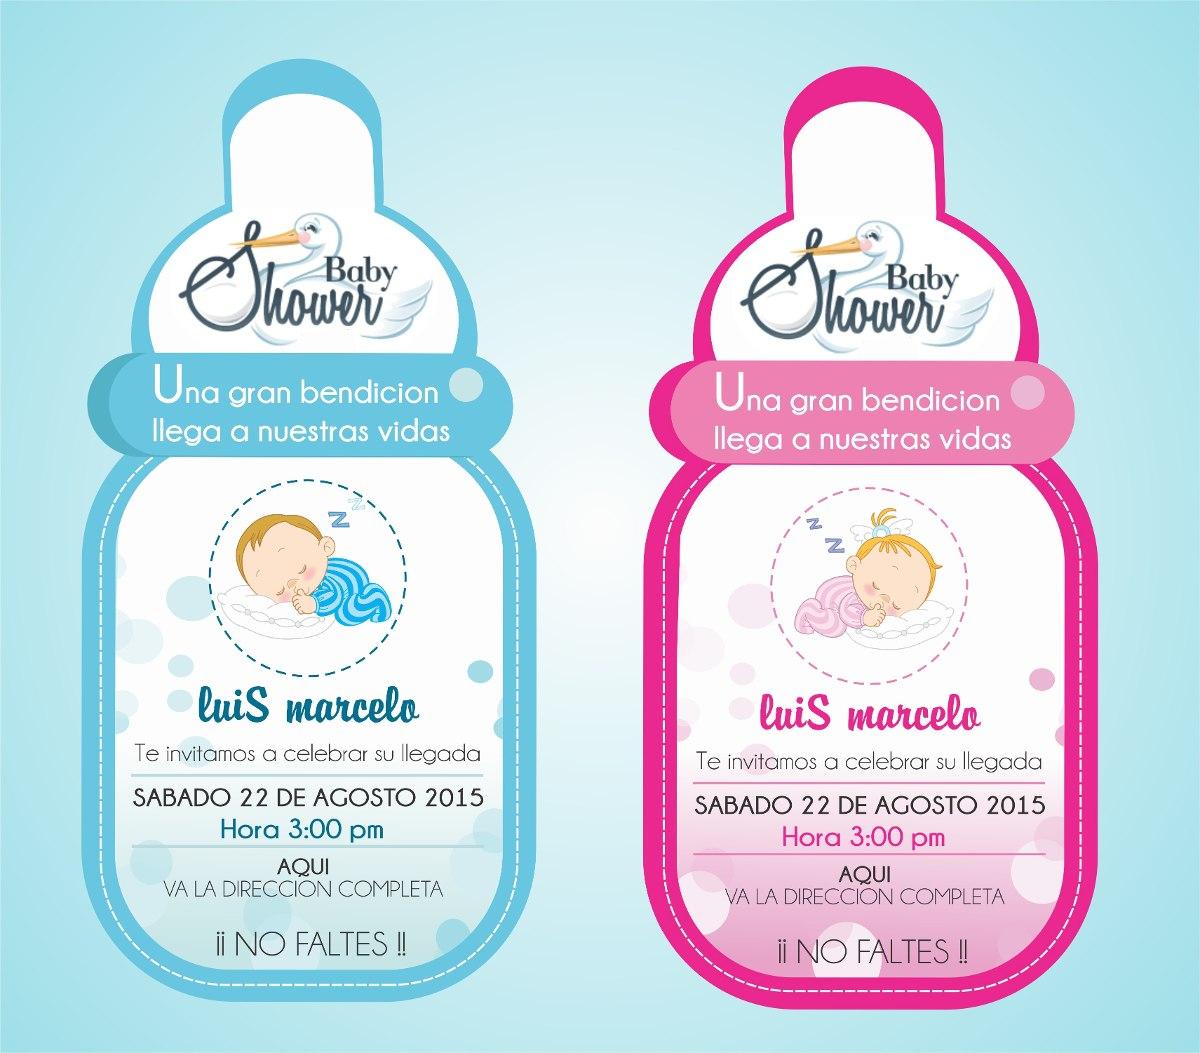 Tarjetas De Invitación Baby Shower, Bautizo Y Comunion. Cargando Zoom.